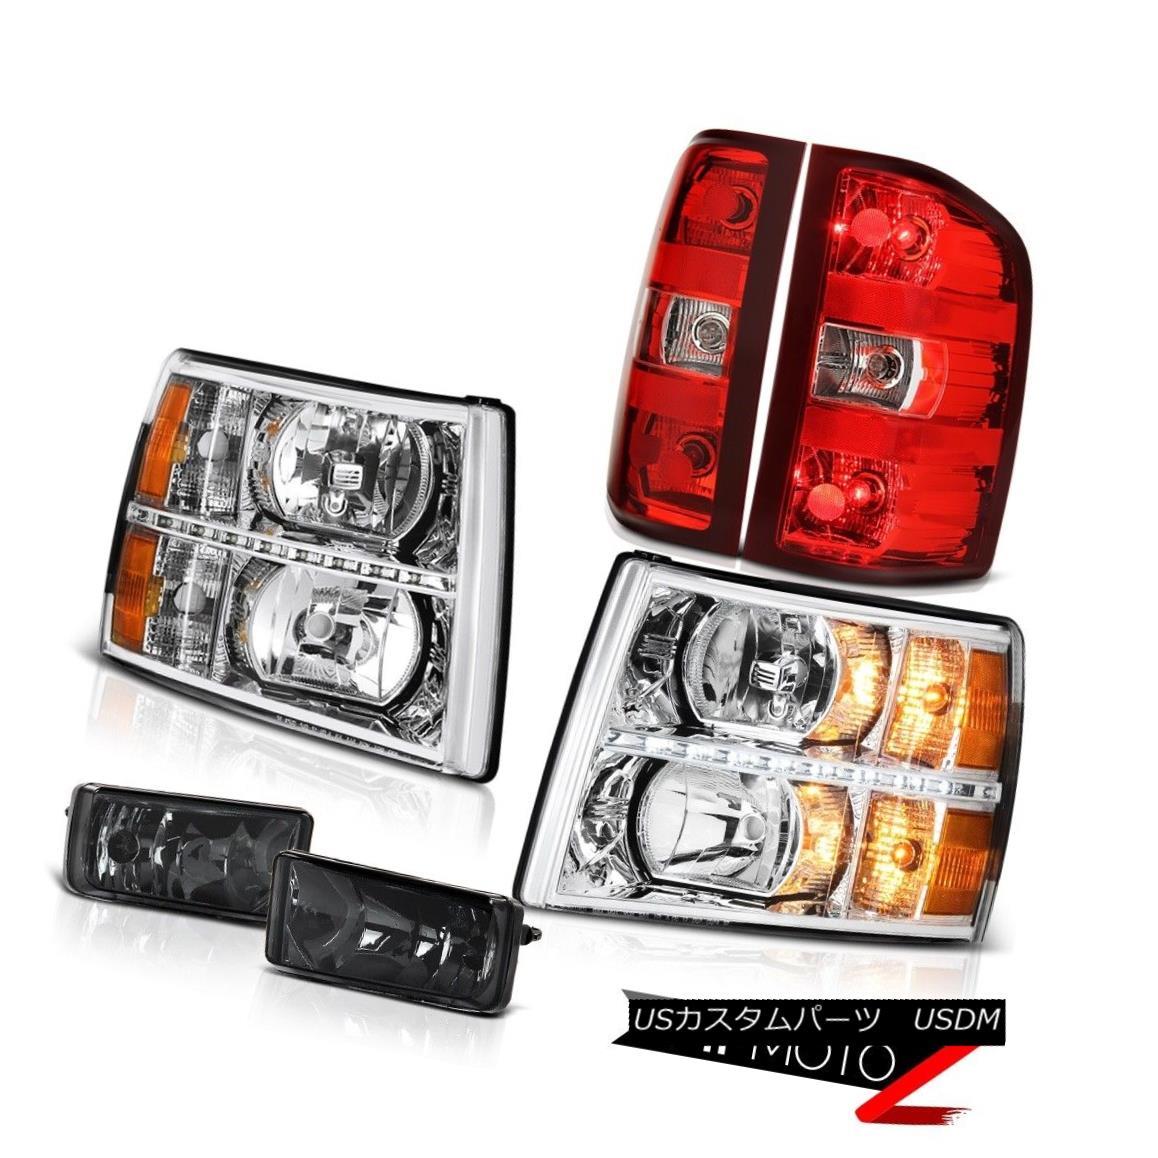 ヘッドライト 07-13 Silverado 1500 Headlights led drl smokey fog lamps red taillights Assembly 07-13 Silverado 1500ヘッドライトled drlスモーキーフォグランプ赤いテールライトアセンブリ